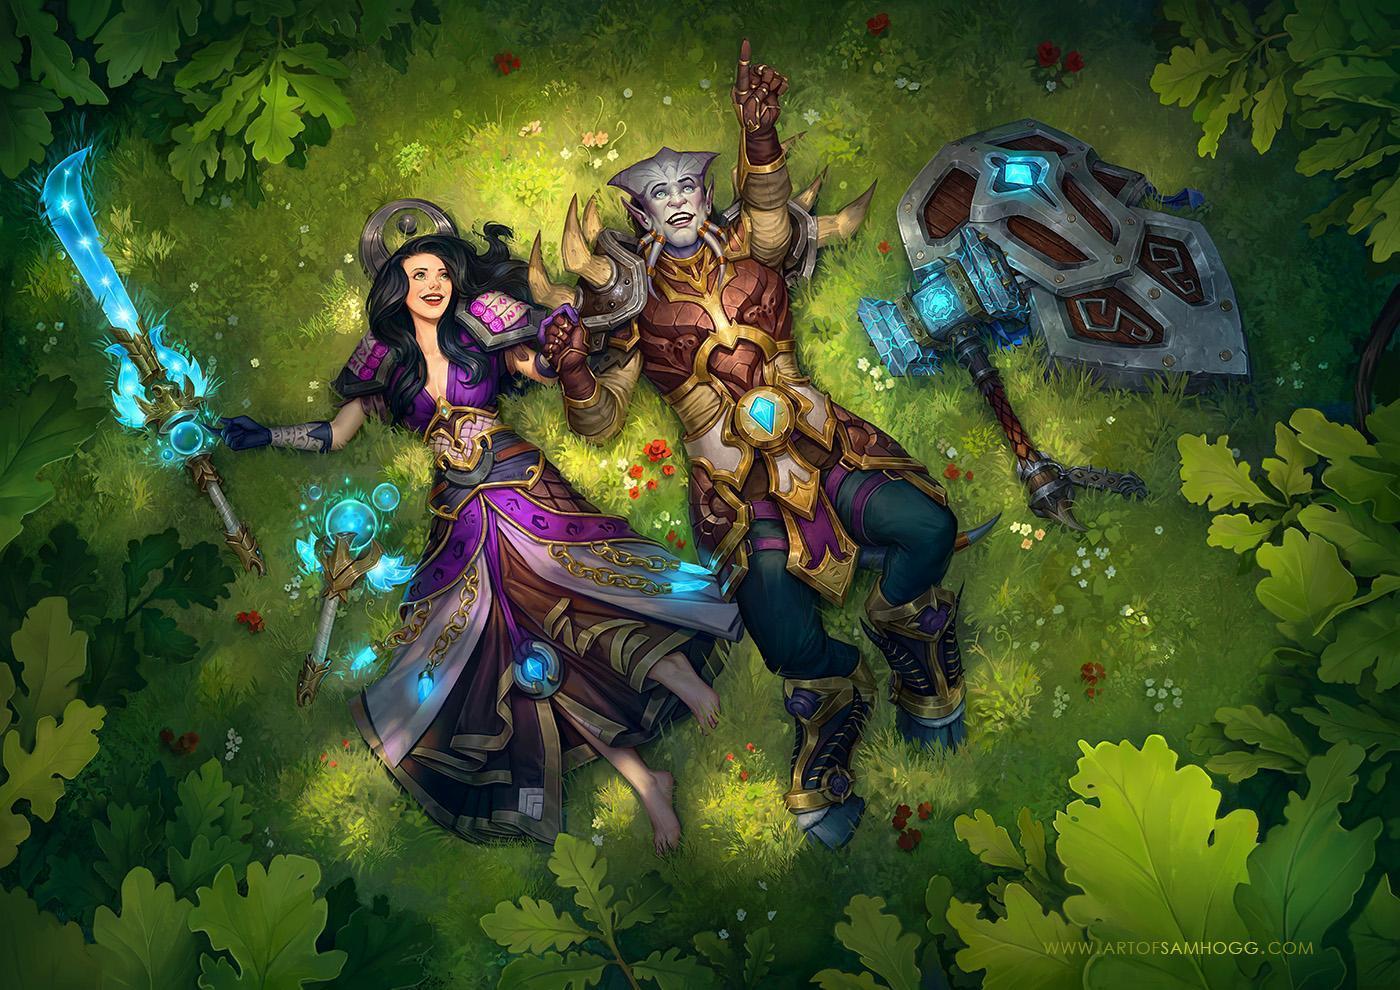 魔兽玩家:一个源于魔兽刻骨铭心的爱情故事